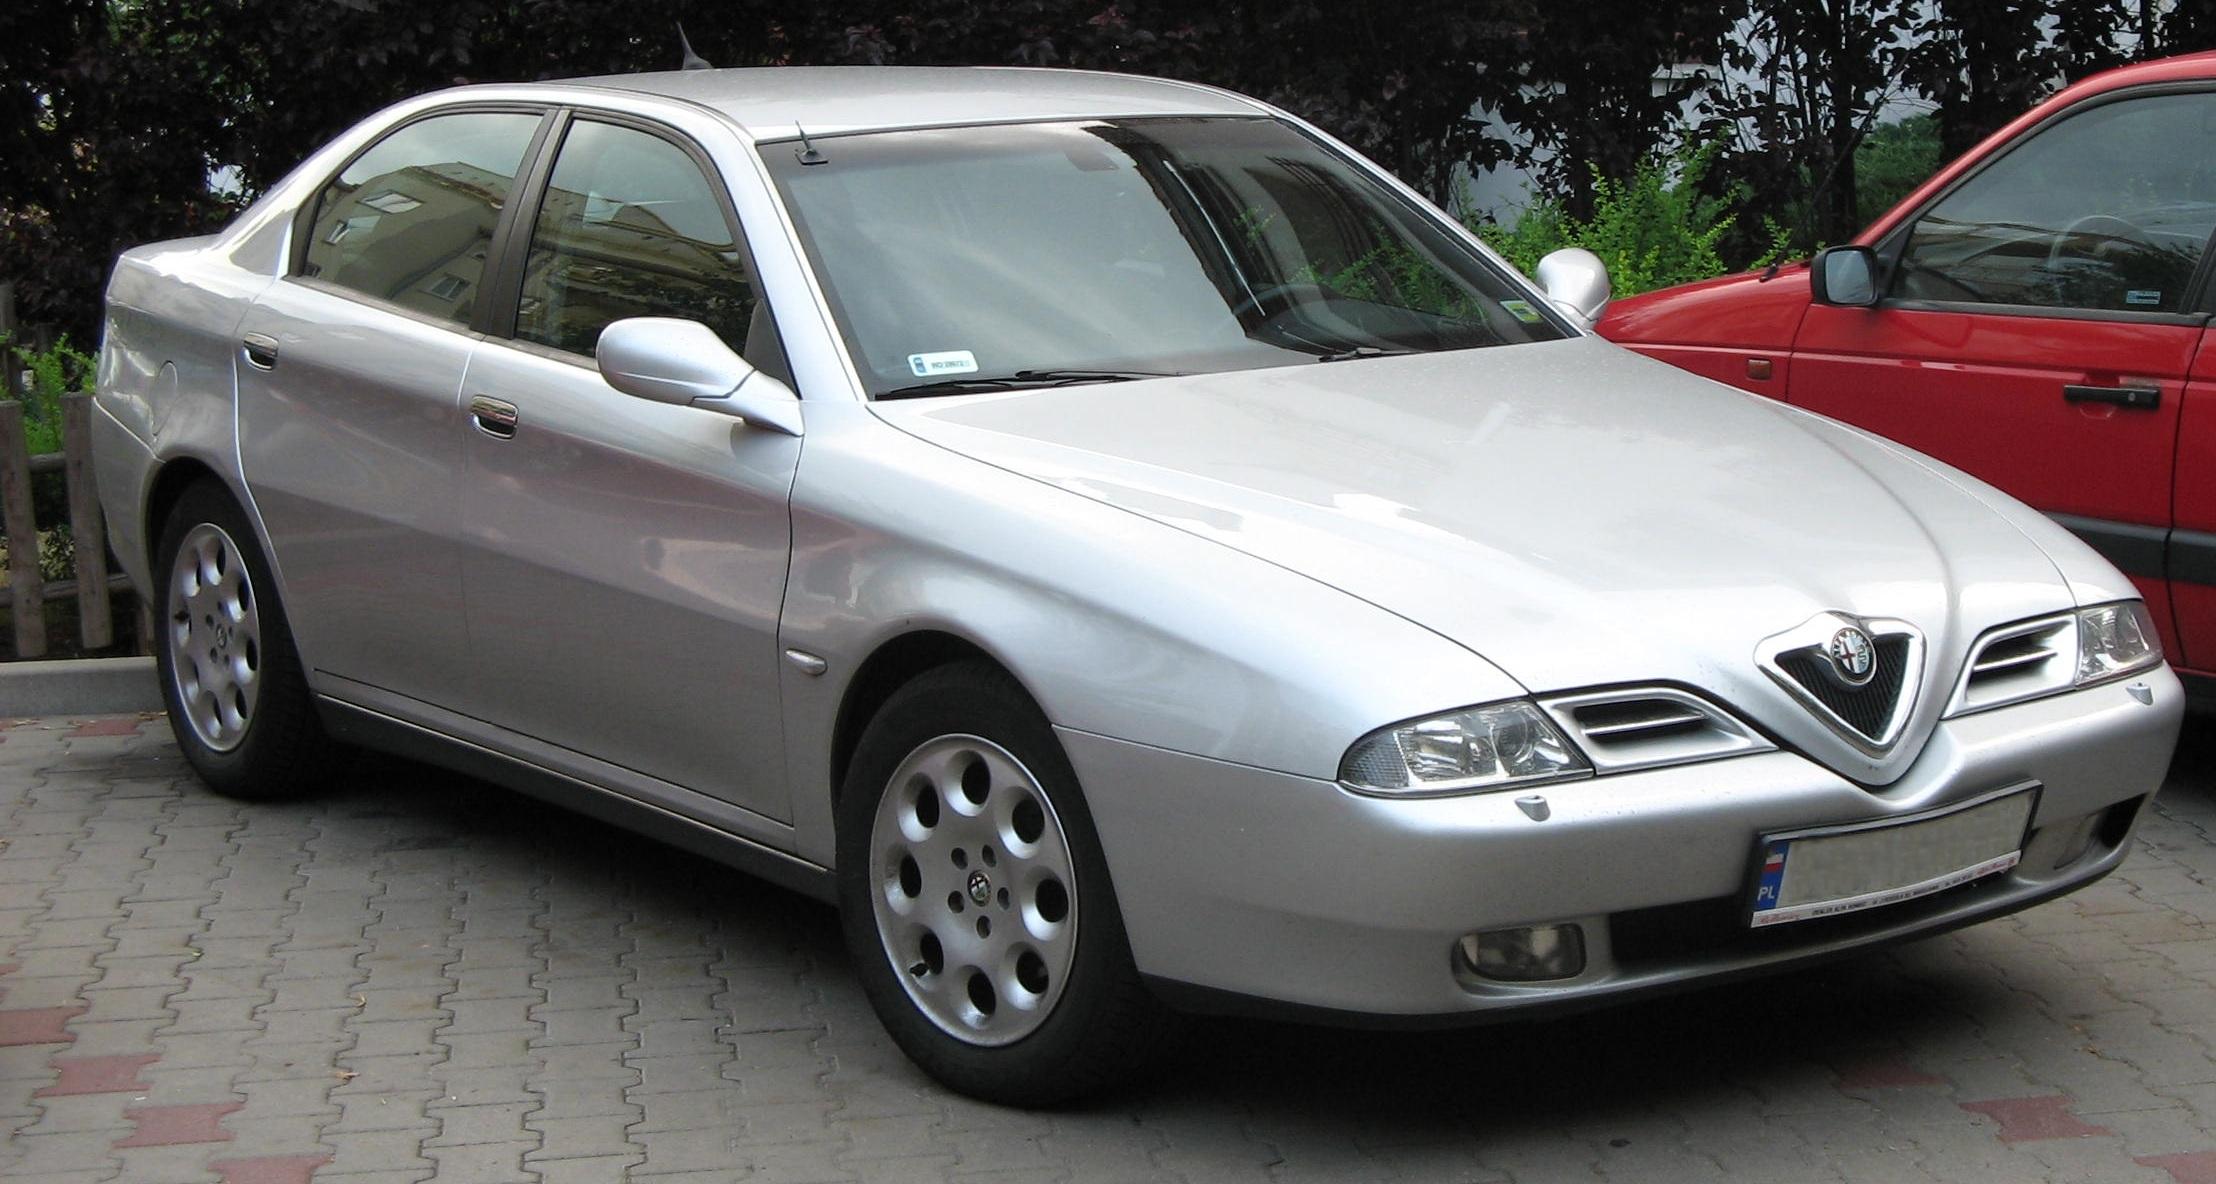 Шины и диски для Alfa Romeo 166 1999, размер колёс на Альфа Ромео 166 1999